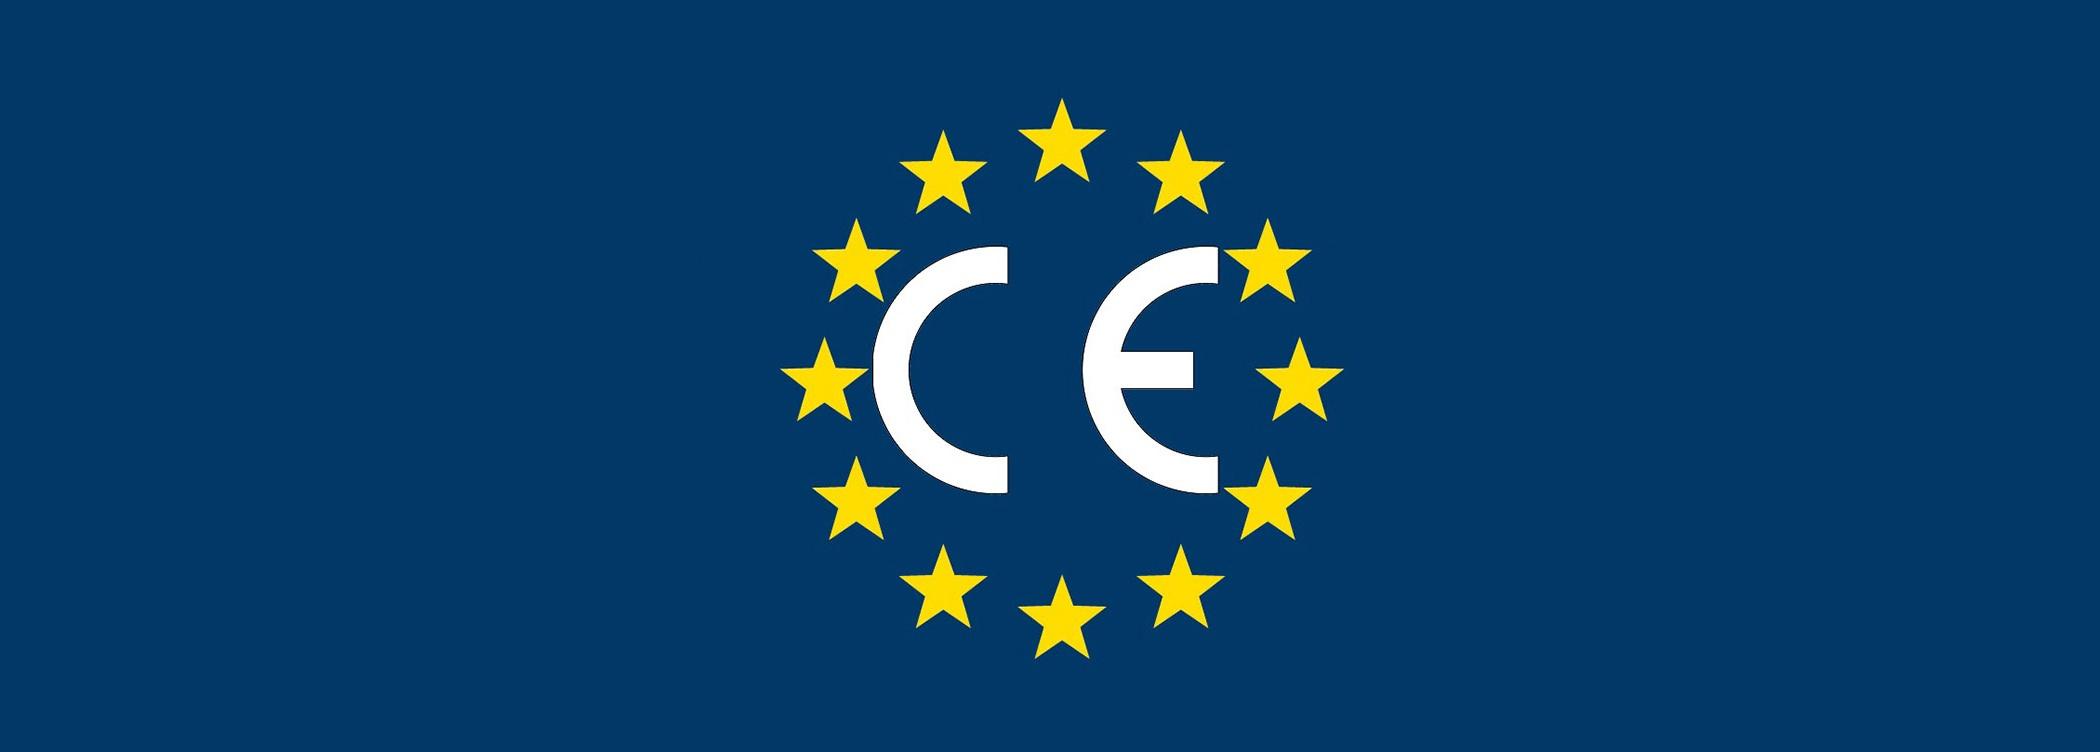 Certificazione CE al tempo di COVID19 | Lazzaroni s.r.l.